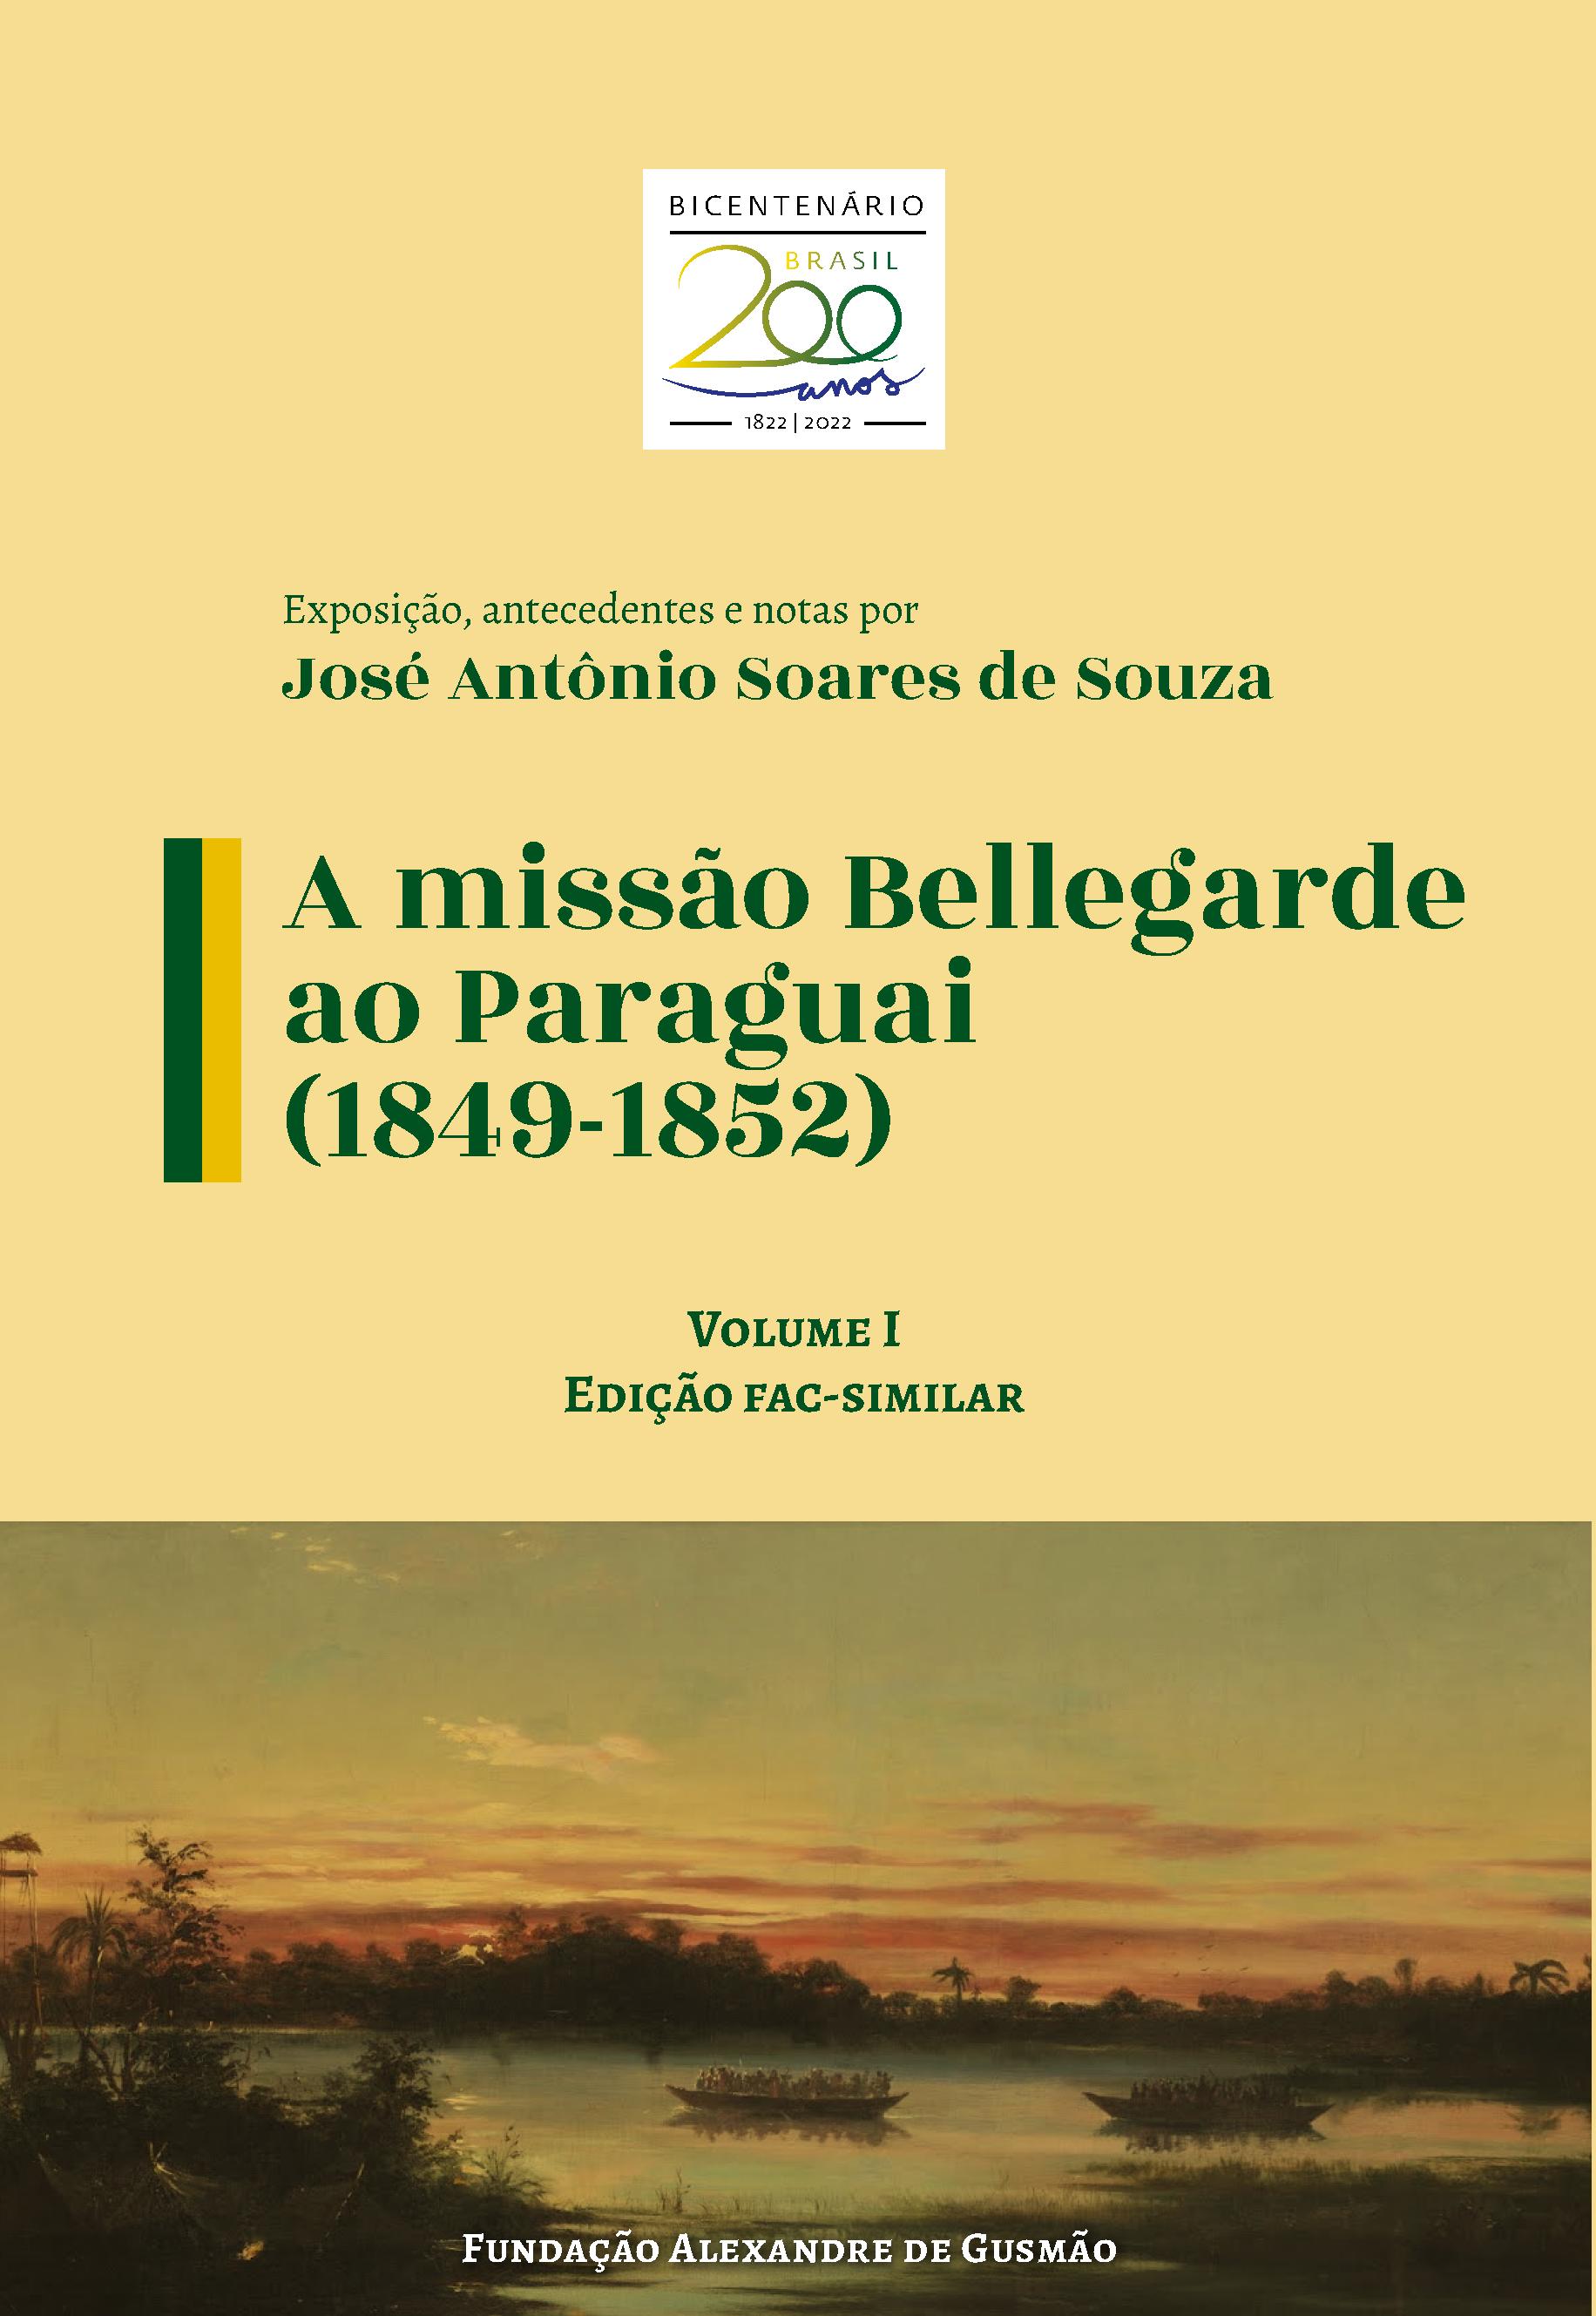 A missão Bellegarde ao Paraguai (1849-1852) – vol. I, fac-similar